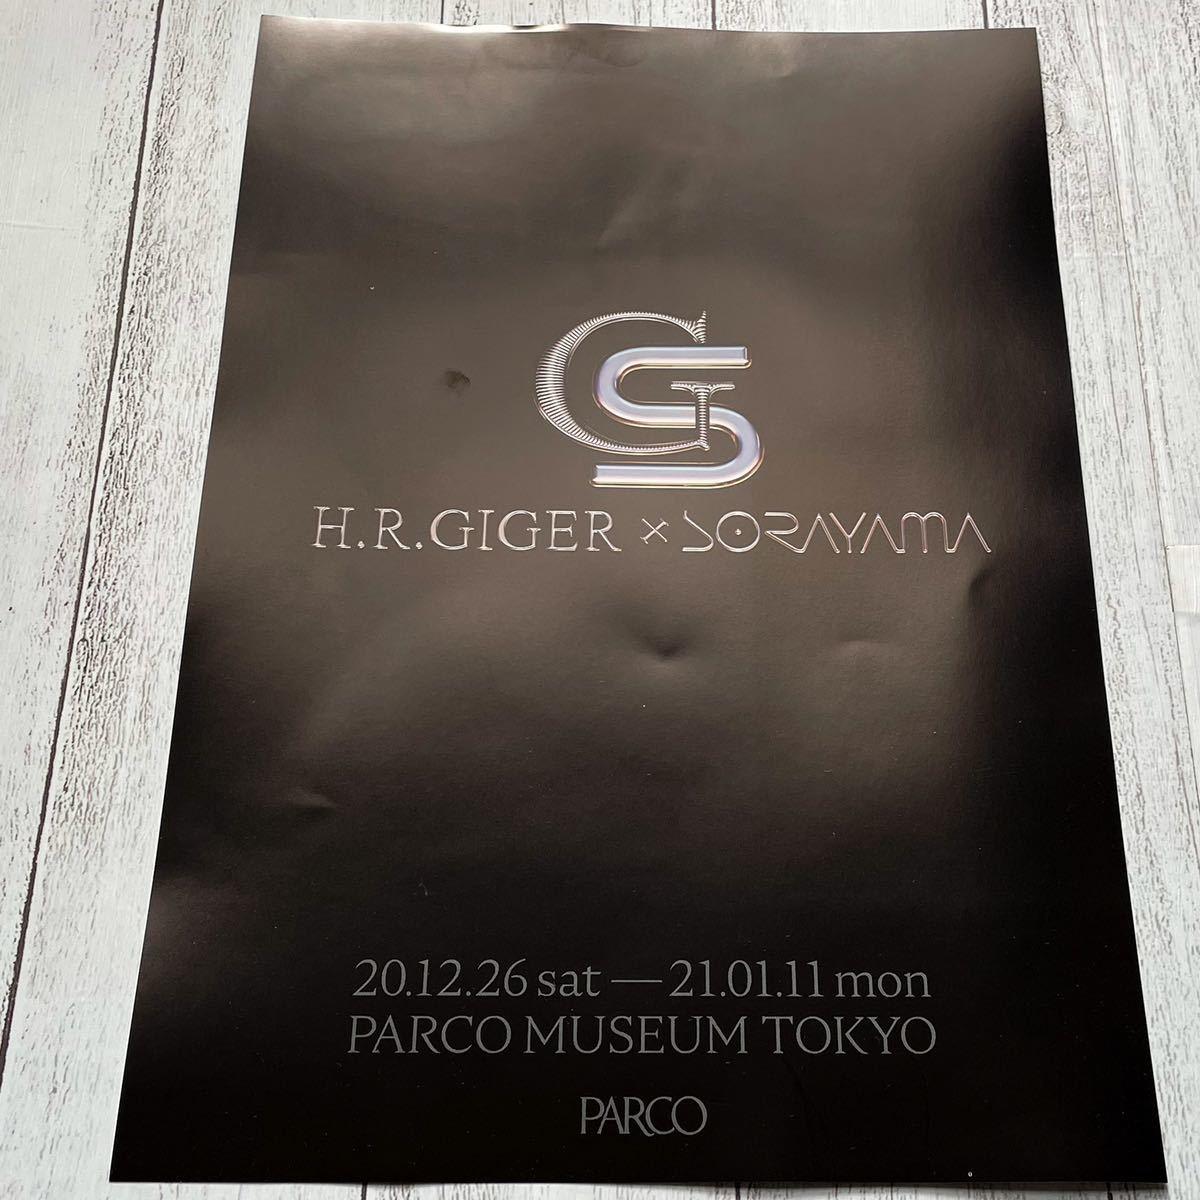 渋谷PARCO Gallery H.R.GIGER ハンス・リューディ・ギーガー × SORAYAMA 空山基 展 エイリアン_画像2